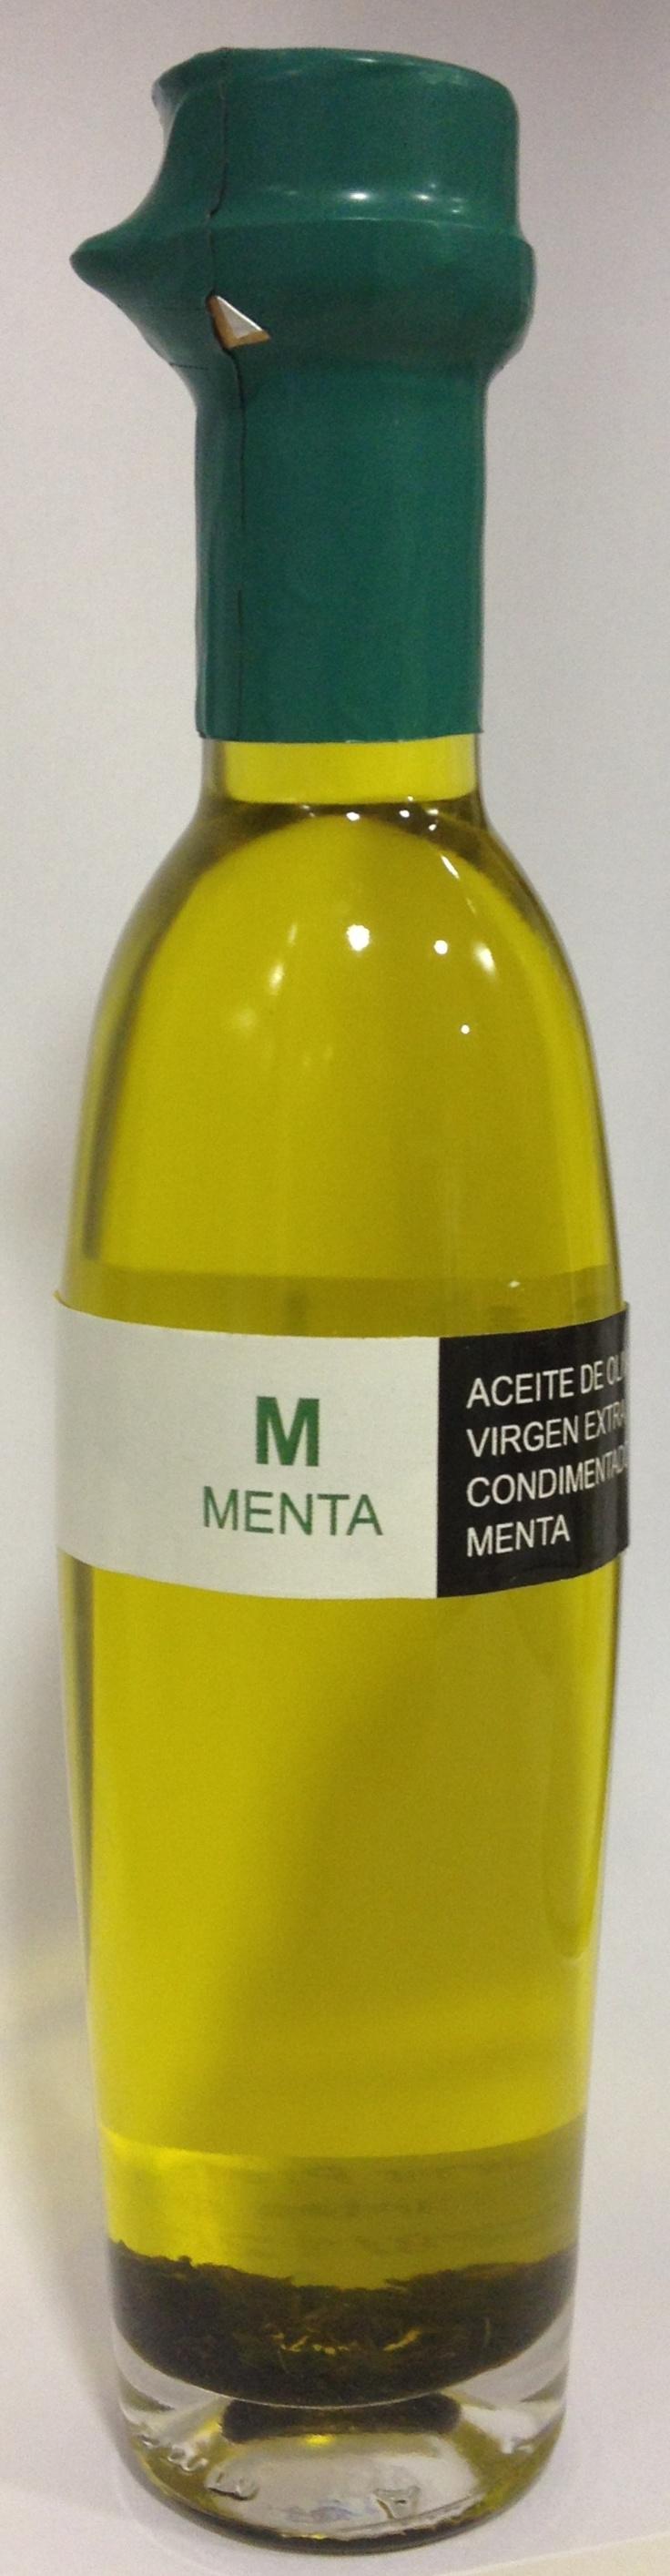 Aceite de oliva virgen extra ecostean con menta!